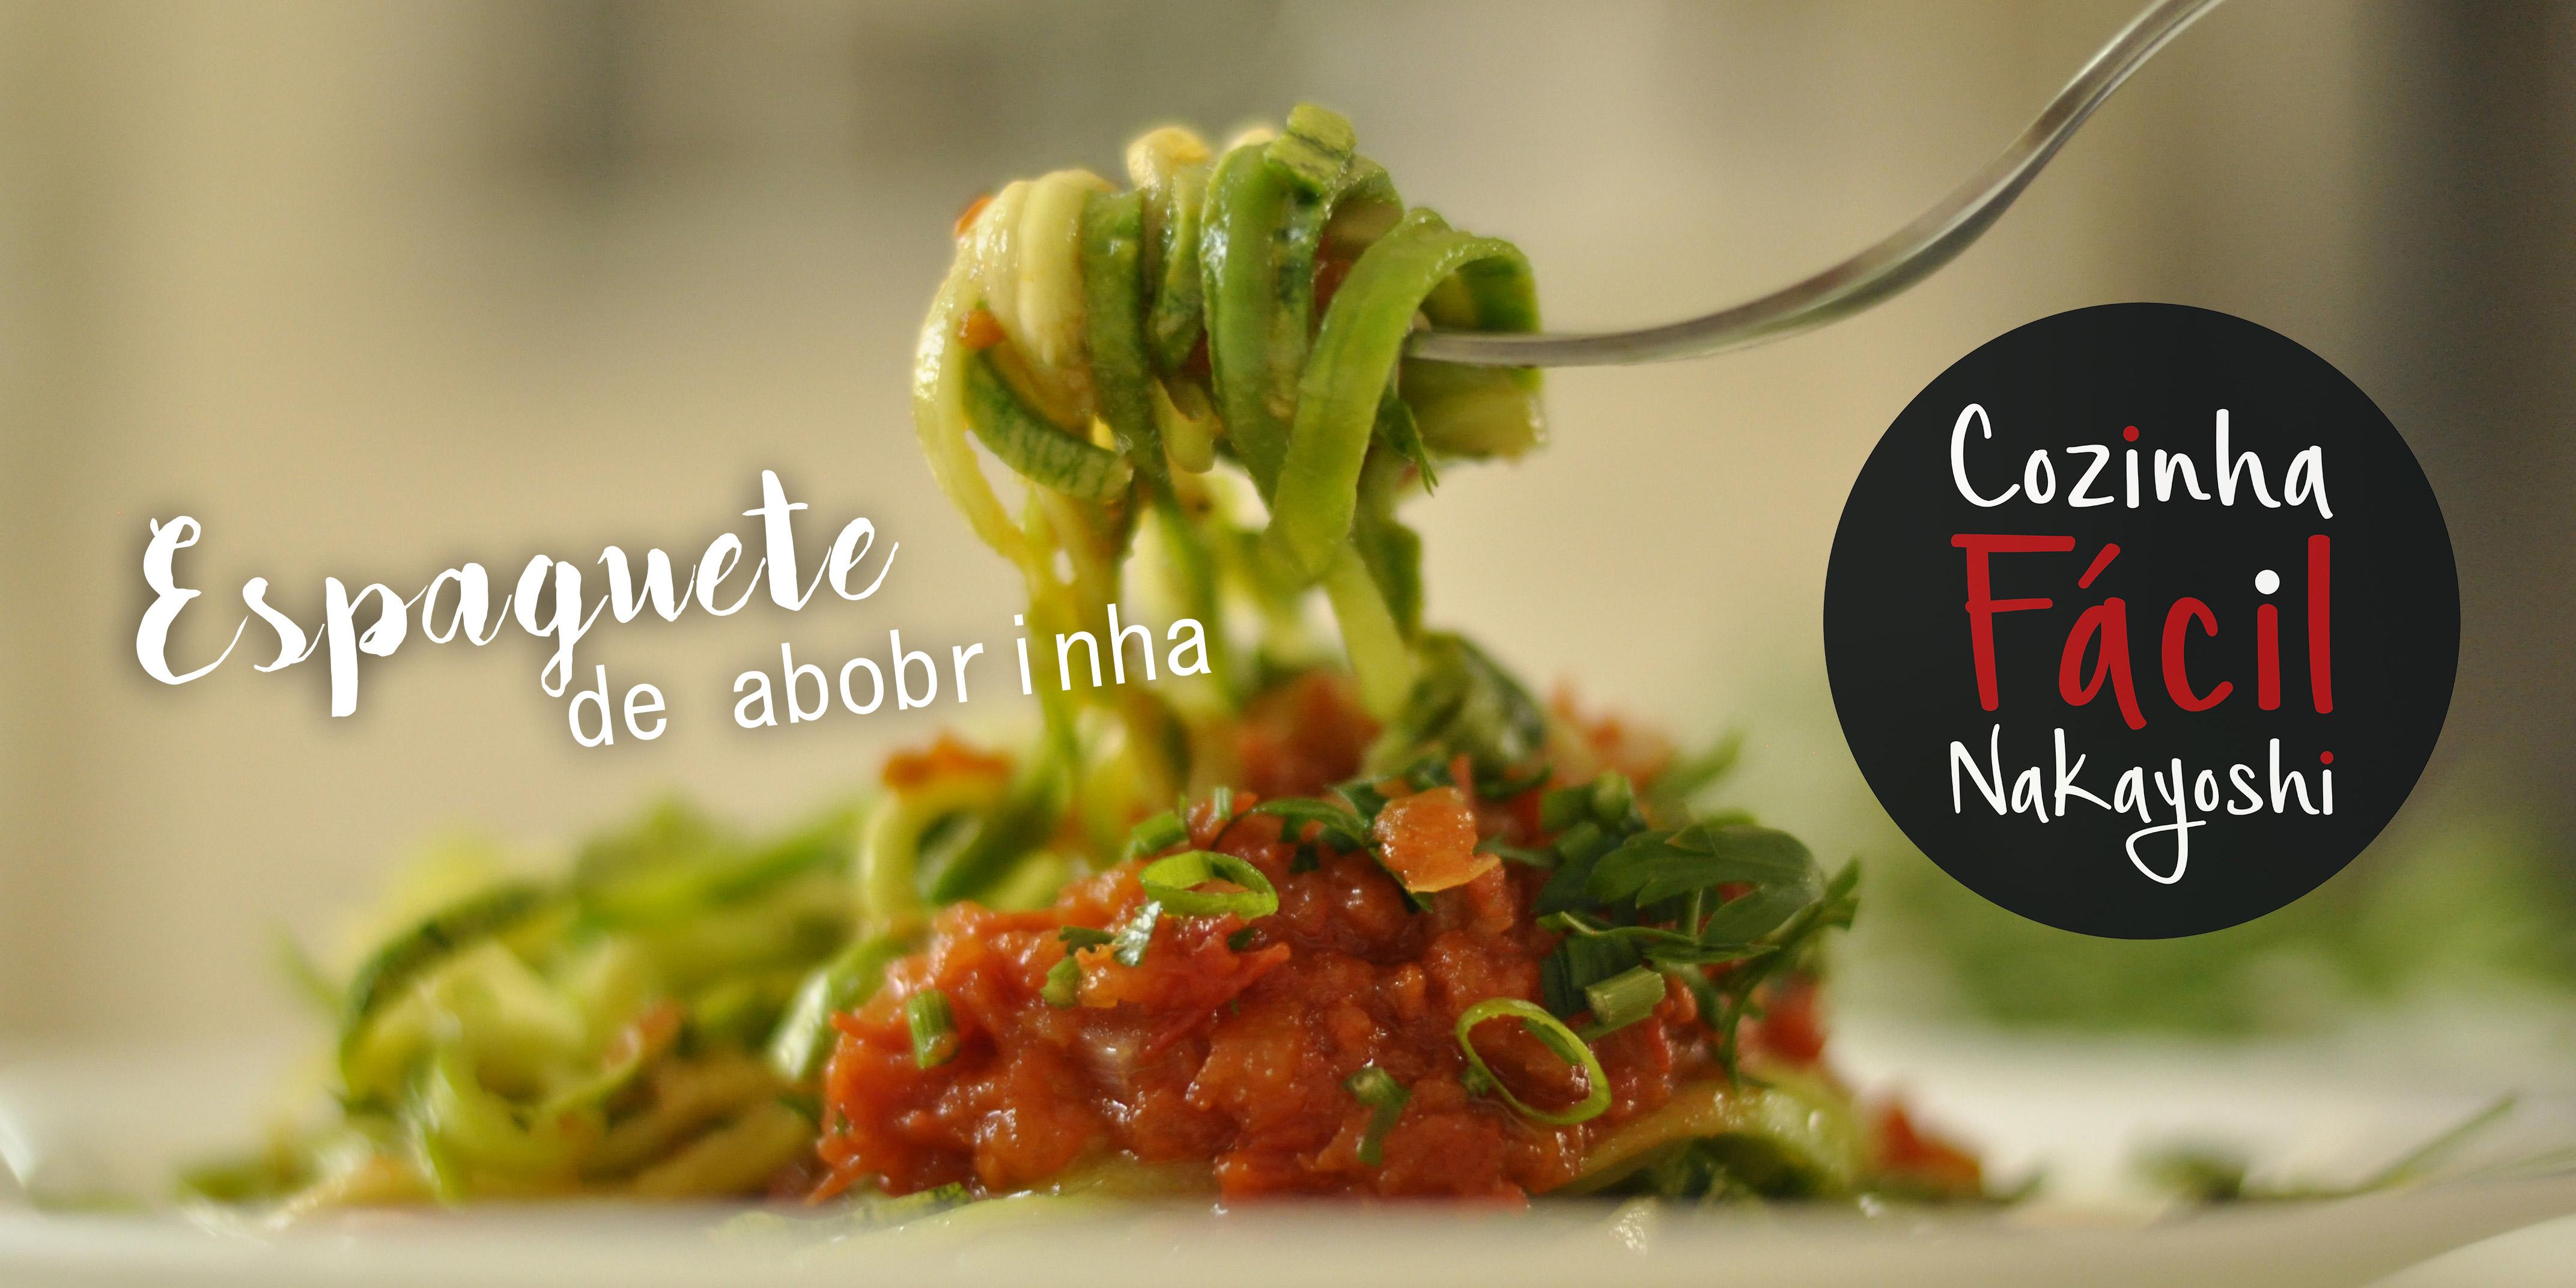 Espaguete de Abobrinha | Cozinha Fácil Nakayoshi #20